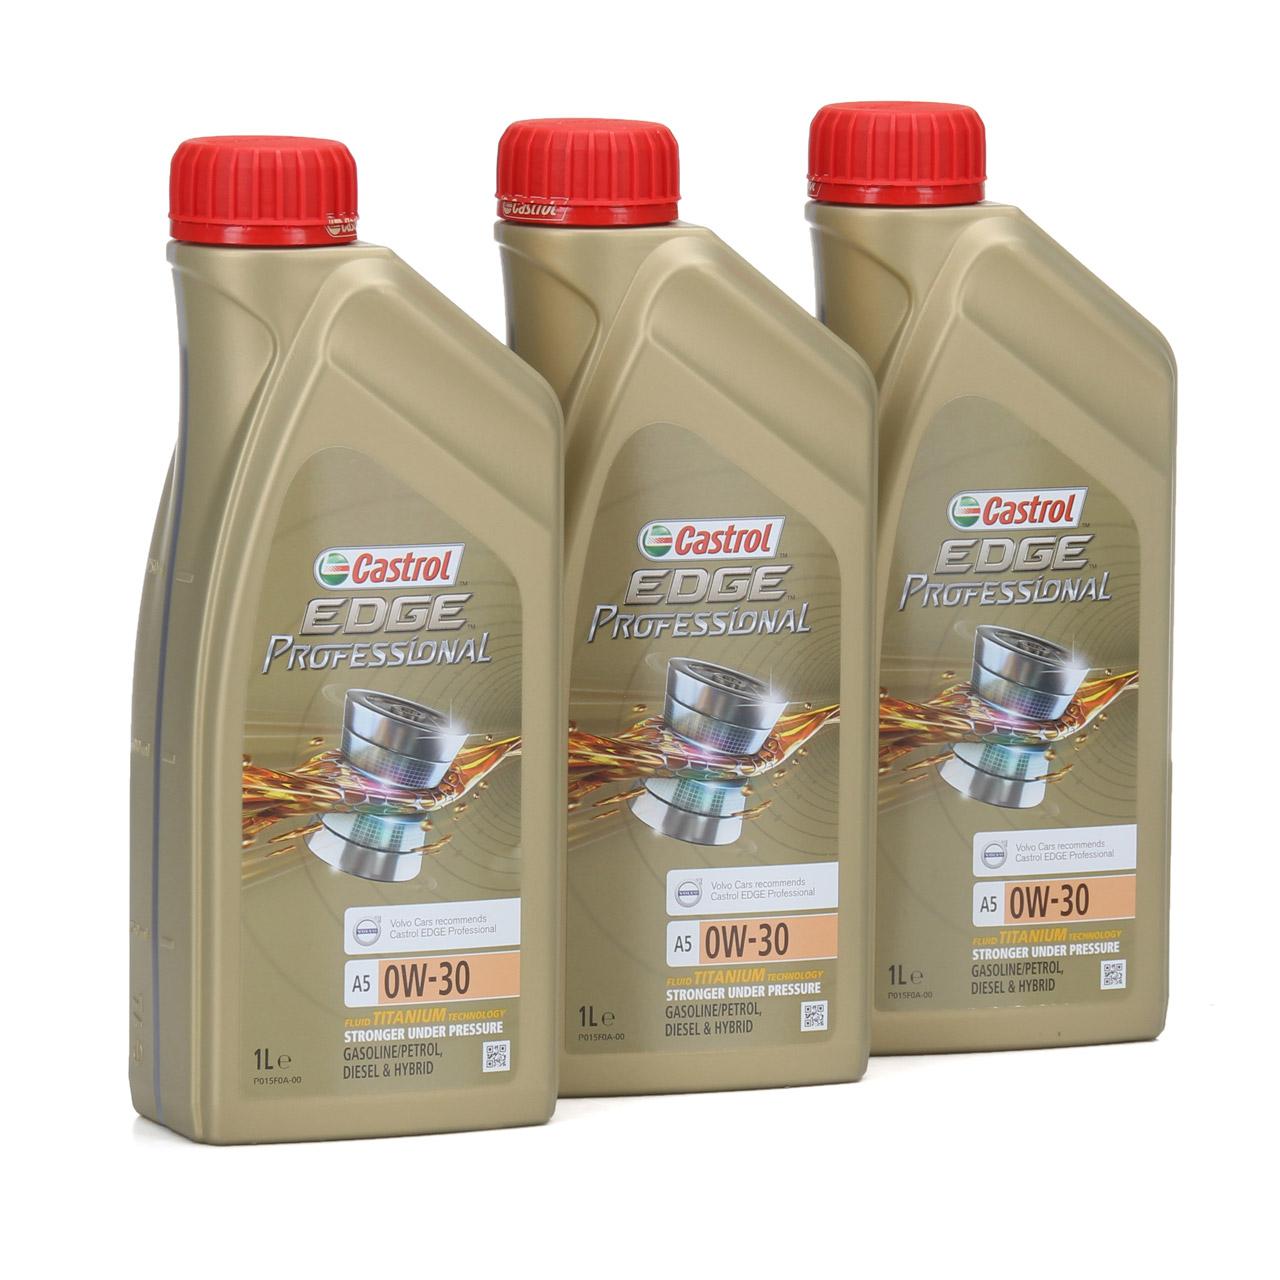 CASTROL EDGE Professional Motoröl Öl TITANIUM FST A5 0W-30 0W30 VOLVO 3 Liter